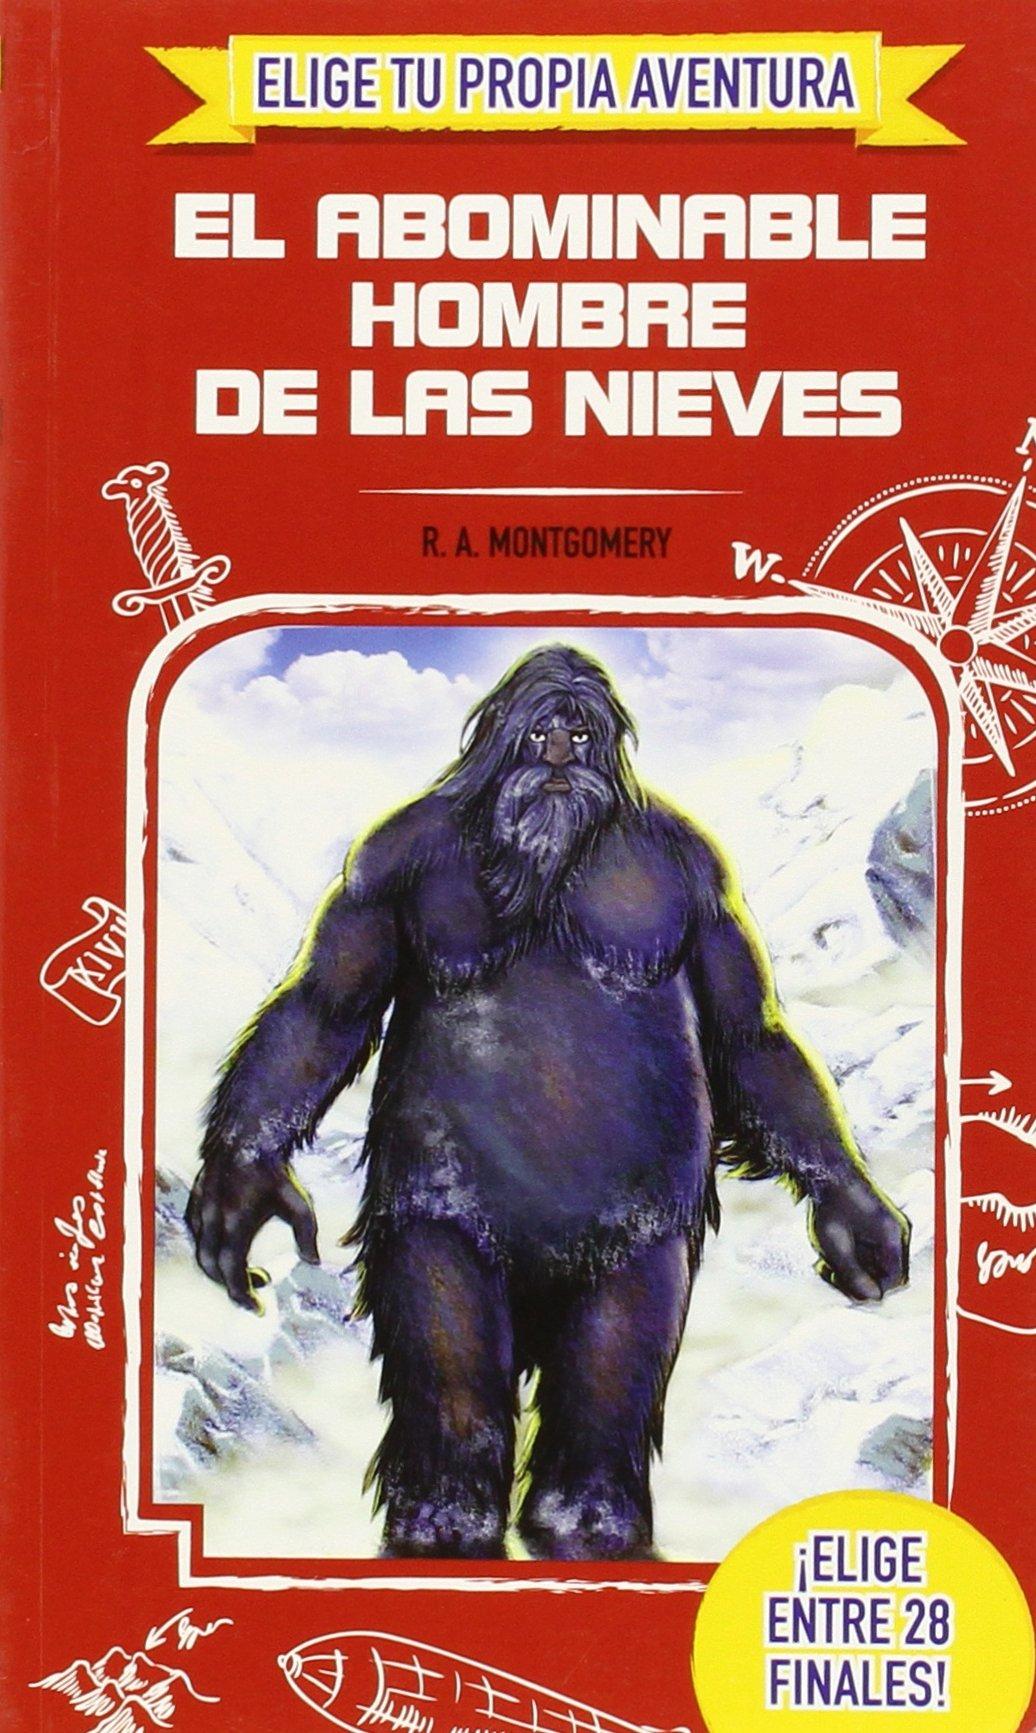 Elige Tu Propia Aventura. El Abominable Hombre De Las Nieves (Inglés) Tapa blanda – 25 may 2015 R.A. Montgomery PROARTE Clic 8416122997